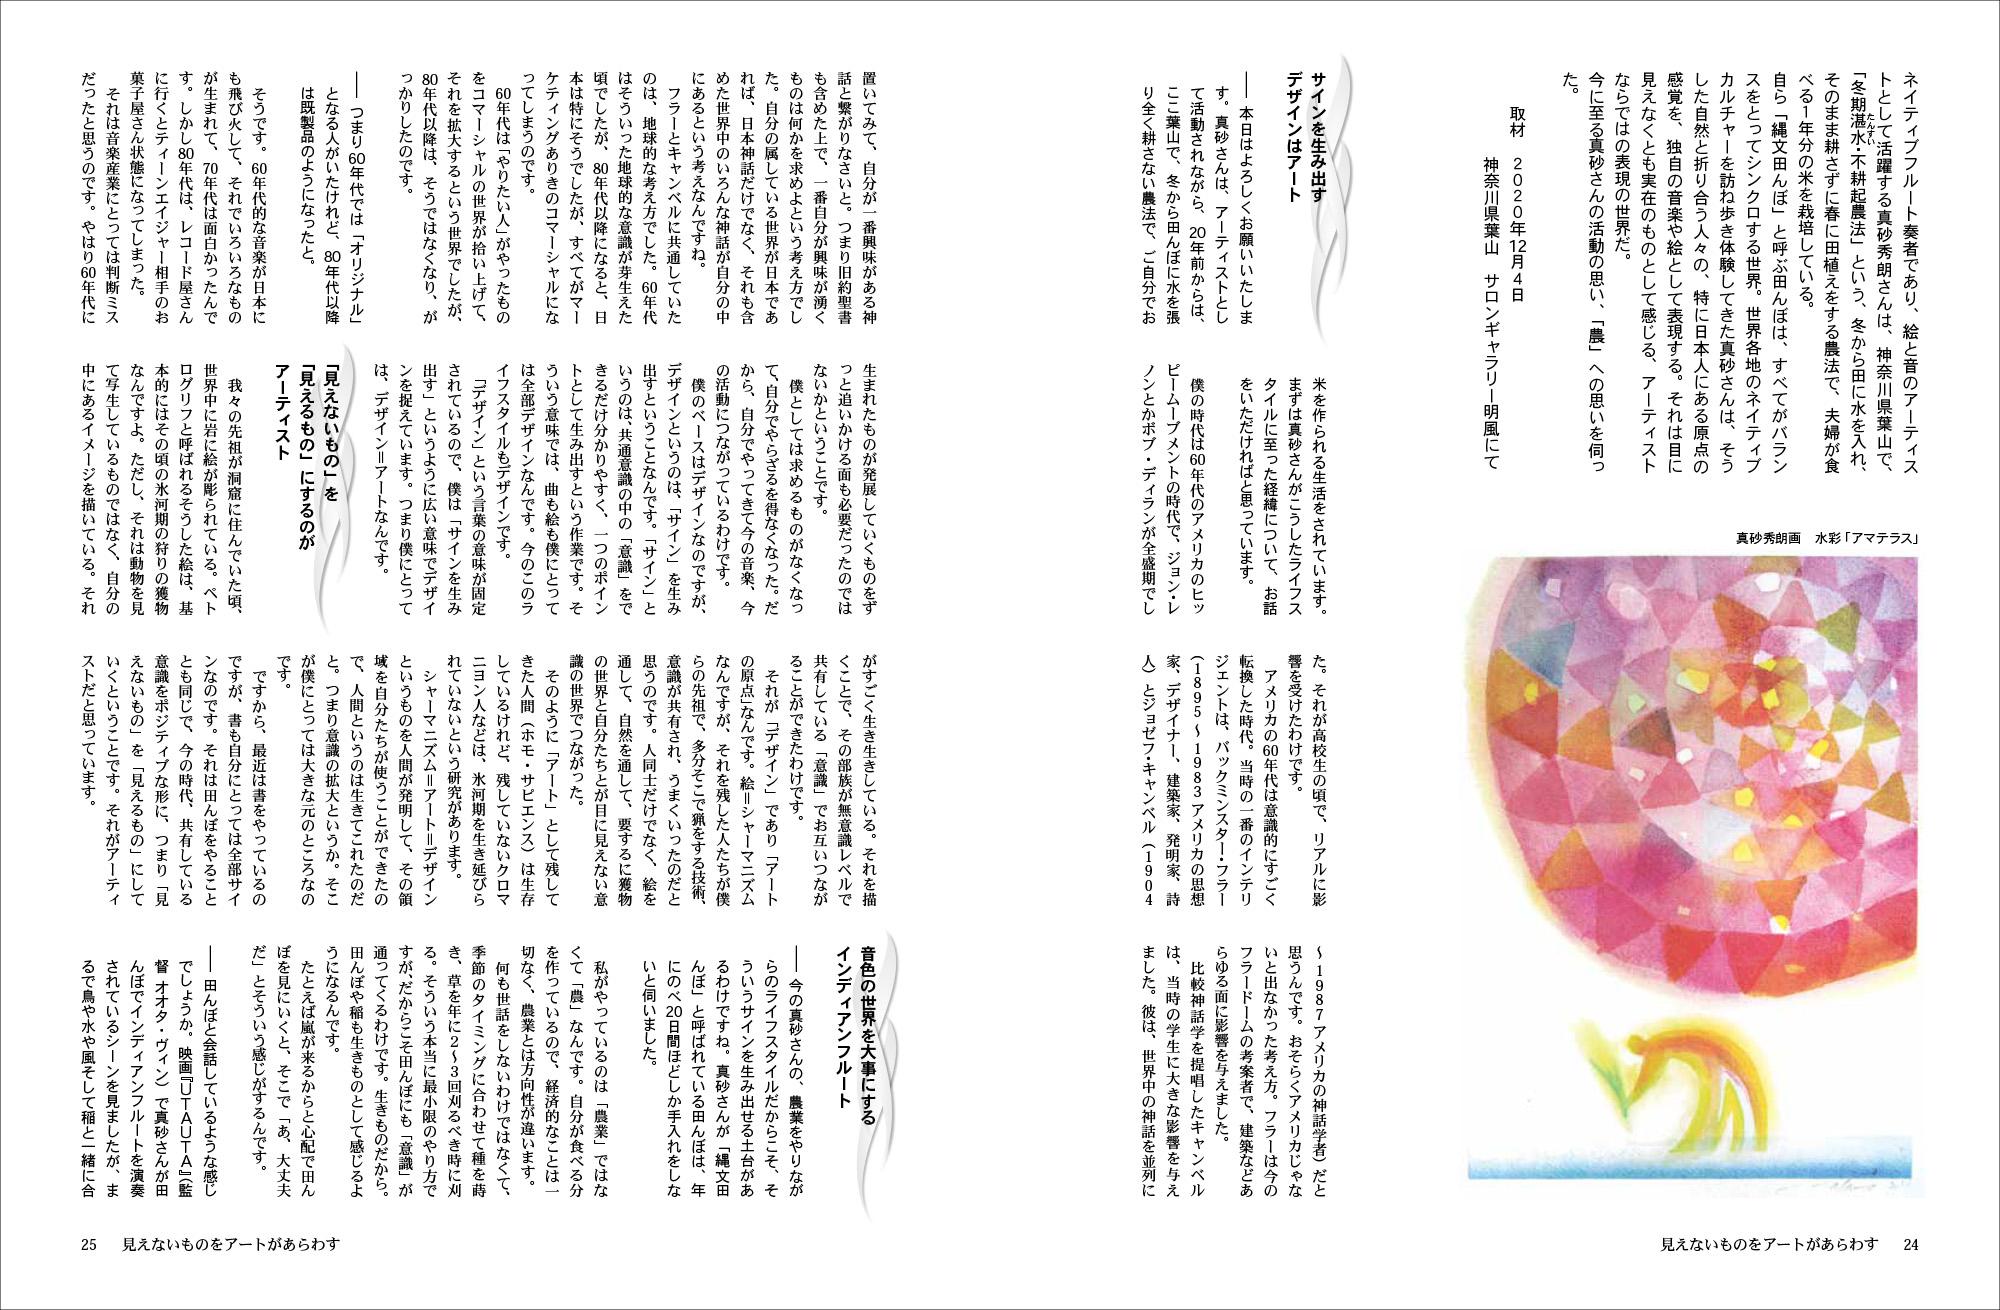 『道』207 真砂秀朗 p24-25